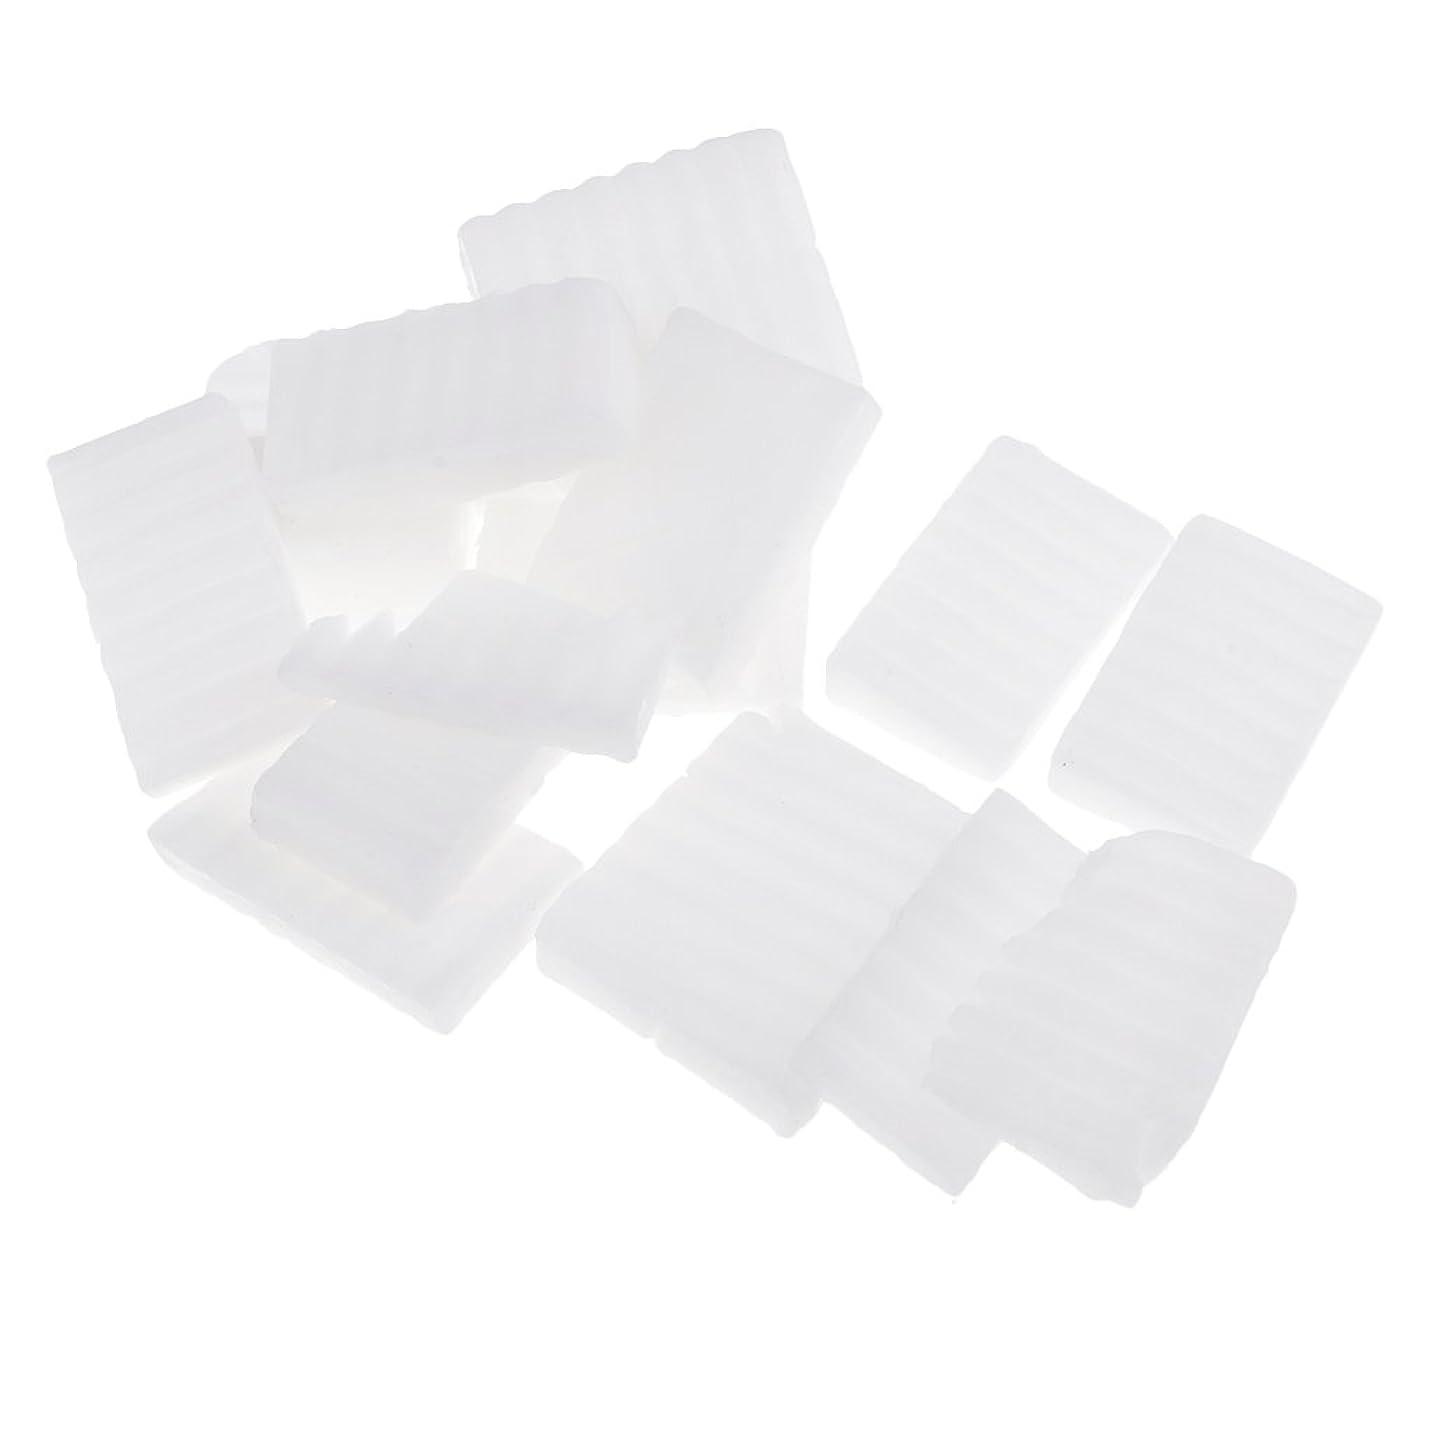 藤色プレビュー上Homyl 約500g ホワイト 石鹸ベース DIY 手作り 石鹸 材料